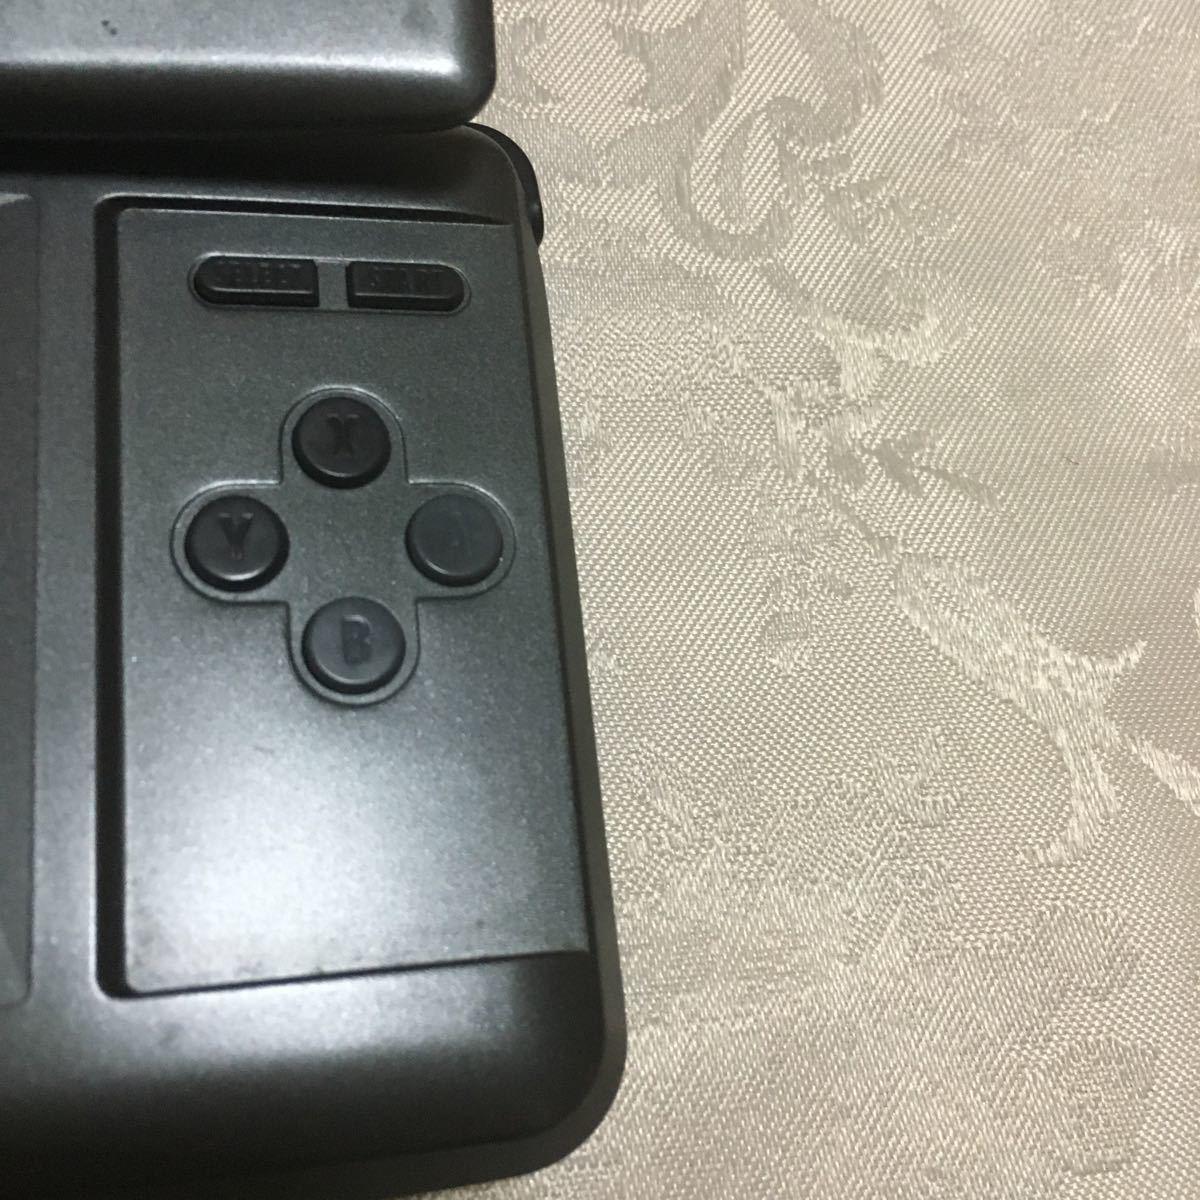 任天堂 Nintendo ニンテンドーDS 本体 グラファイトブラック タッチペン無し